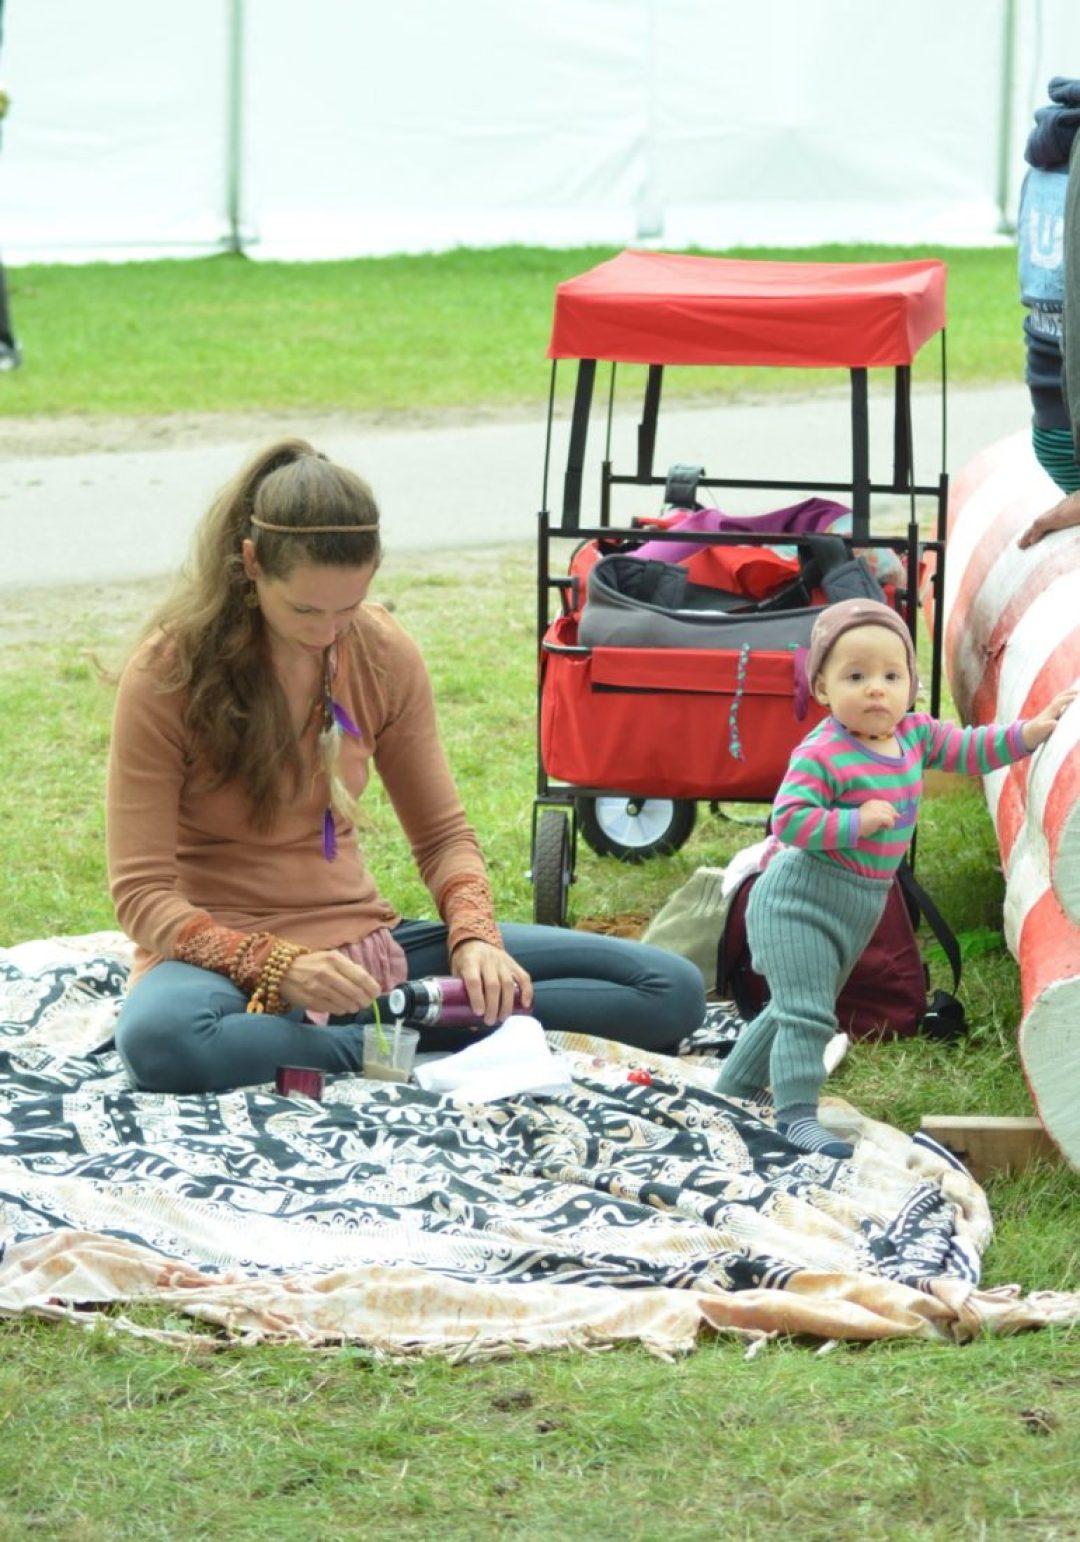 Familienfreundlich und entspannt I Das A Summers Tale Festival